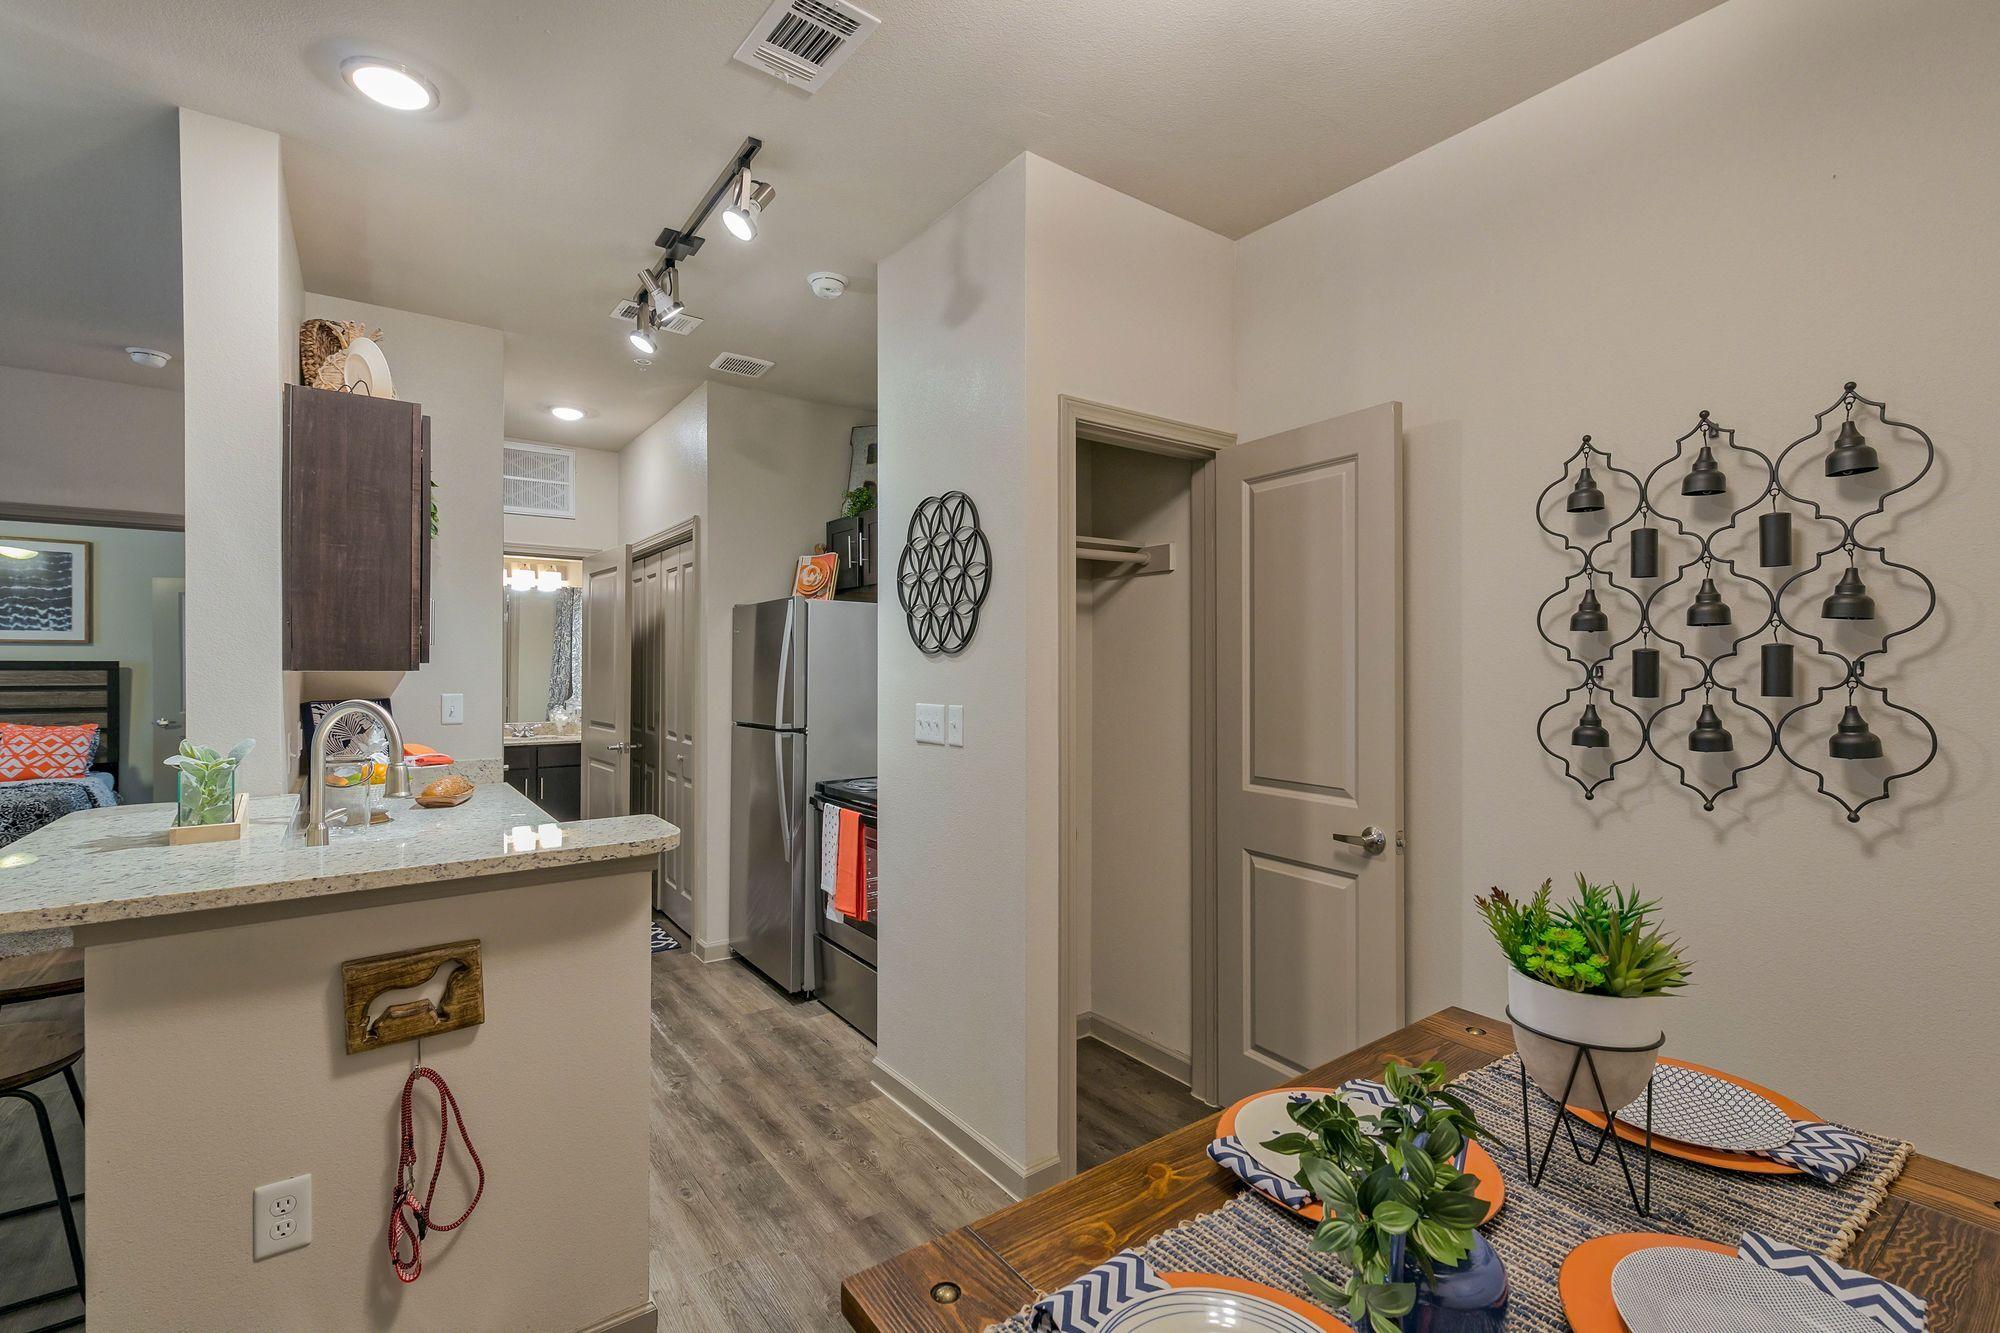 Riverside Apartments - Arlington, TX Apartments for rent